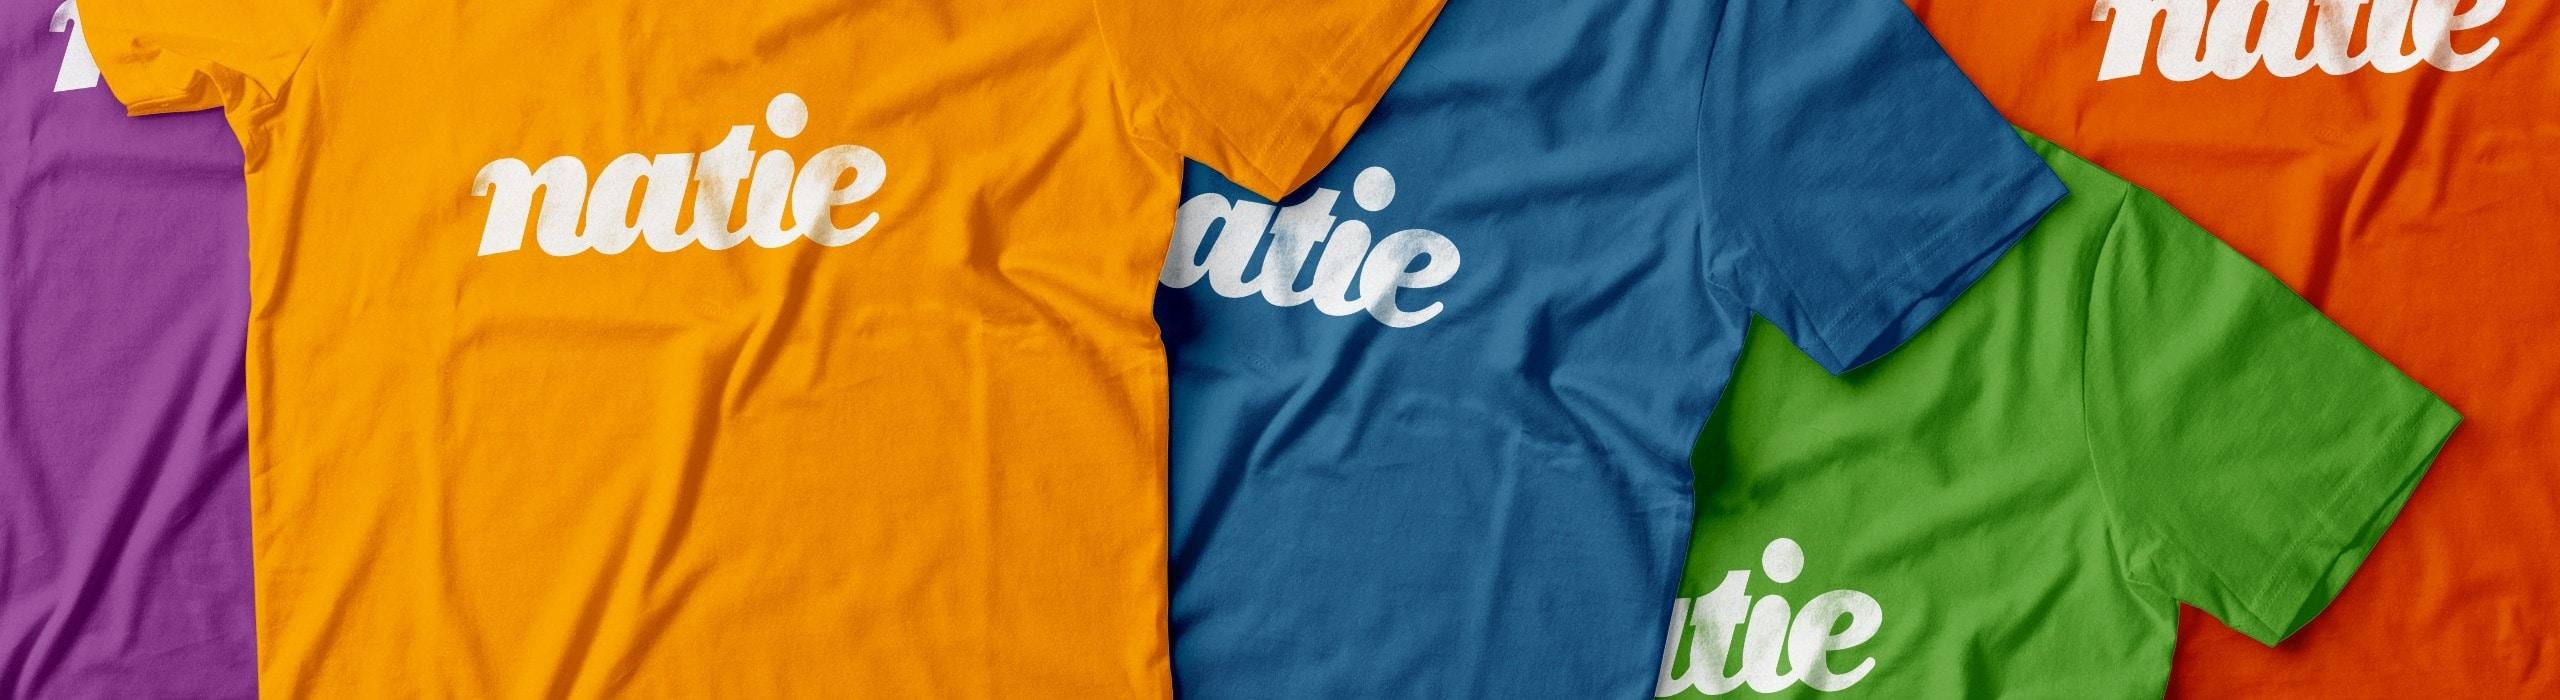 Natie - natie-rebrand-tshirt - Natie Branding Agency